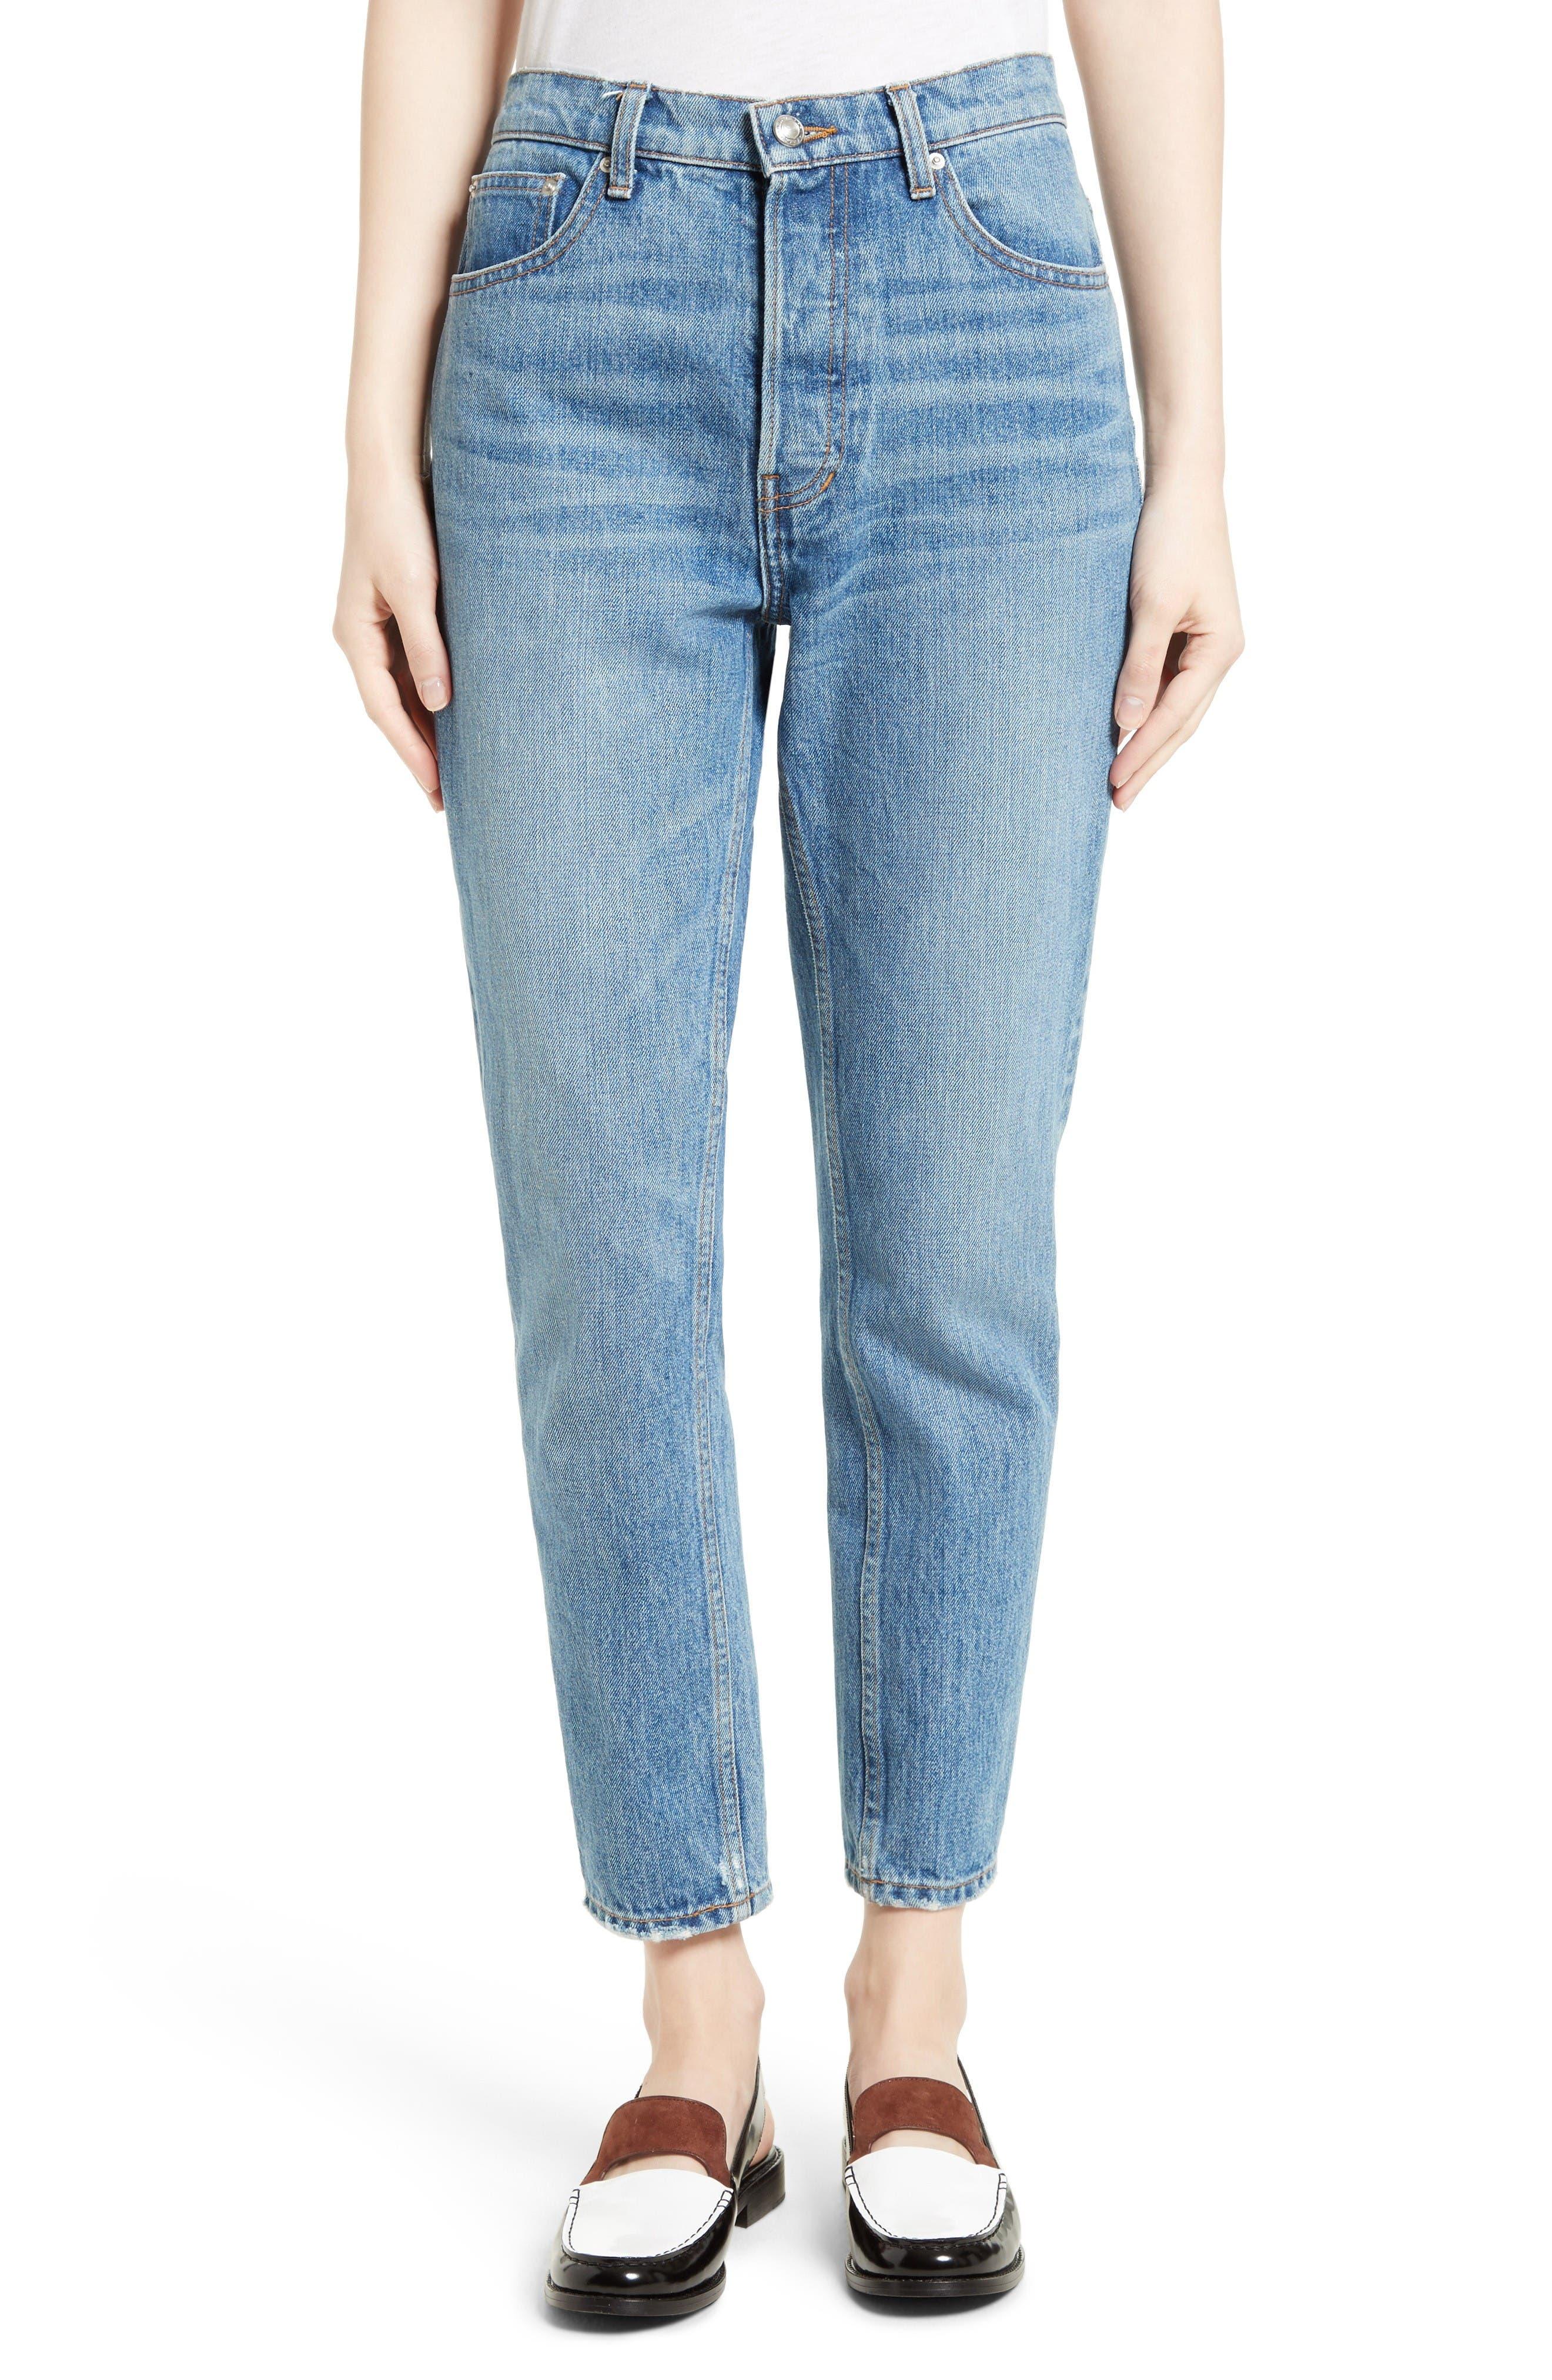 Alternate Image 1 Selected - Derek Lam 10 Crosby Lou High Waist Jeans